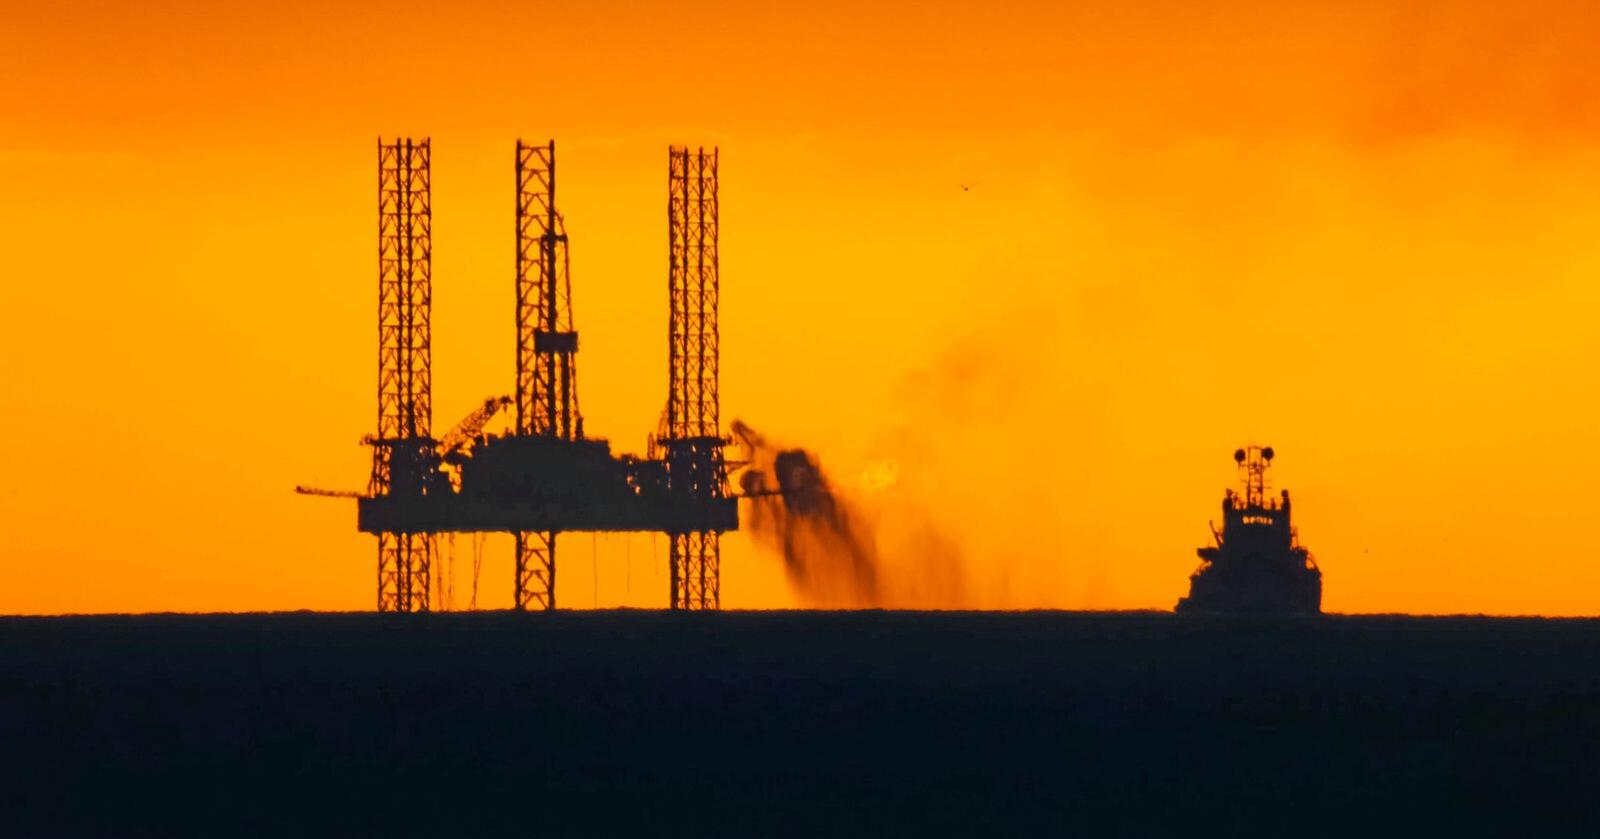 Nytt spor: Nå tåler ikke kloden en verden som higer etter olje lenger. Norge må på et nytt spor, skriver Gunnar Gundersen. Foto: Mostphotos